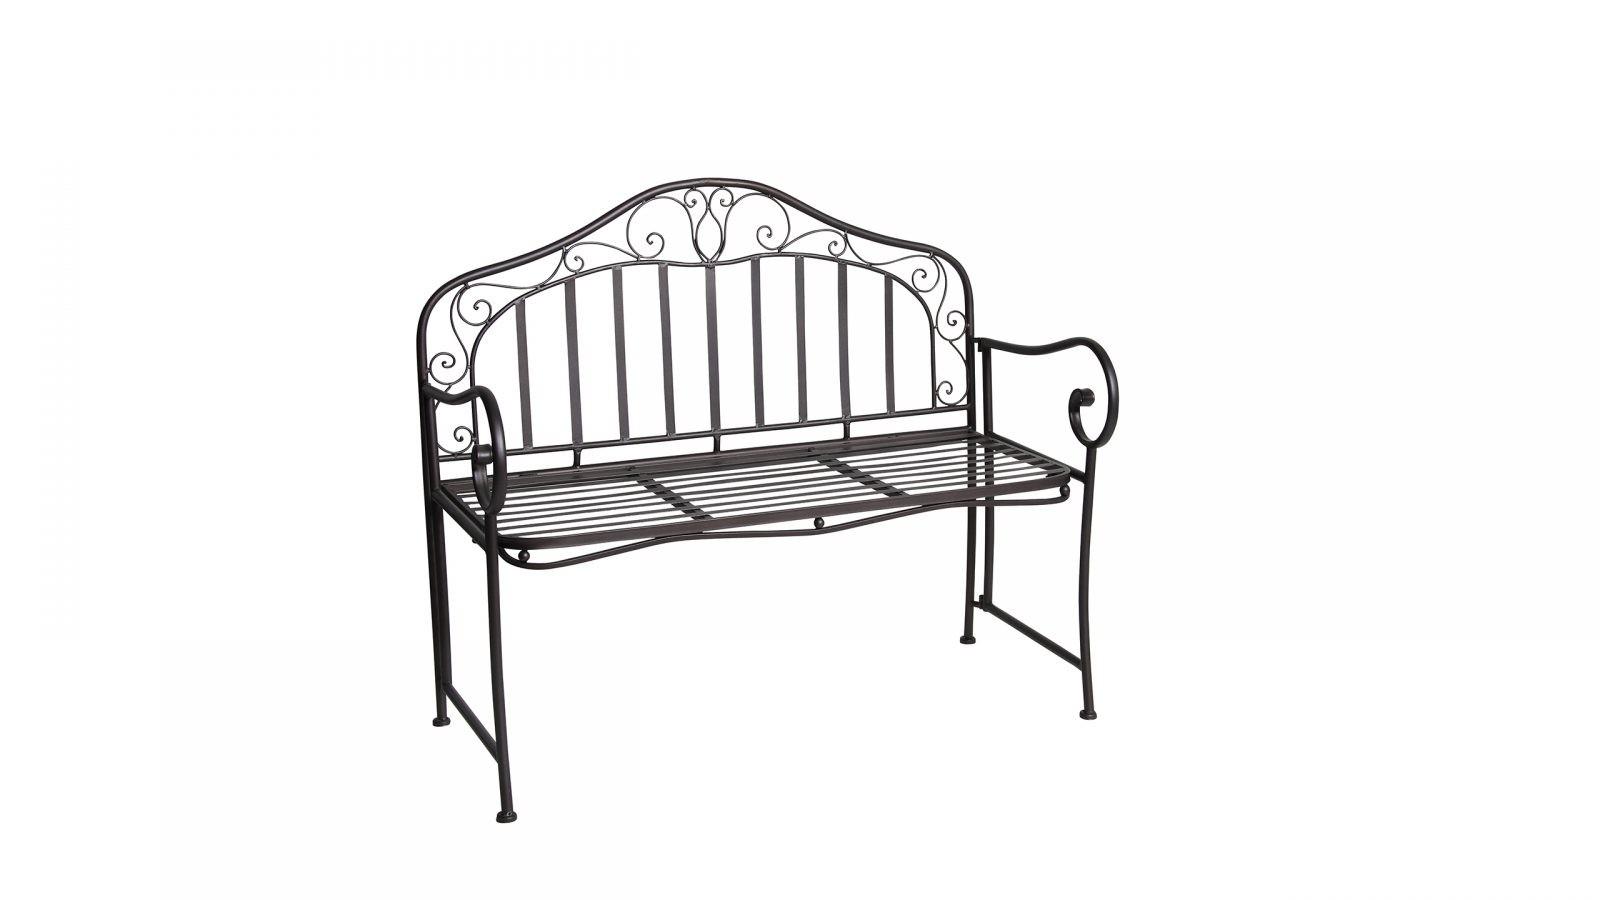 neueste gartenbank metall geflecht konzept garten design ideen. Black Bedroom Furniture Sets. Home Design Ideas